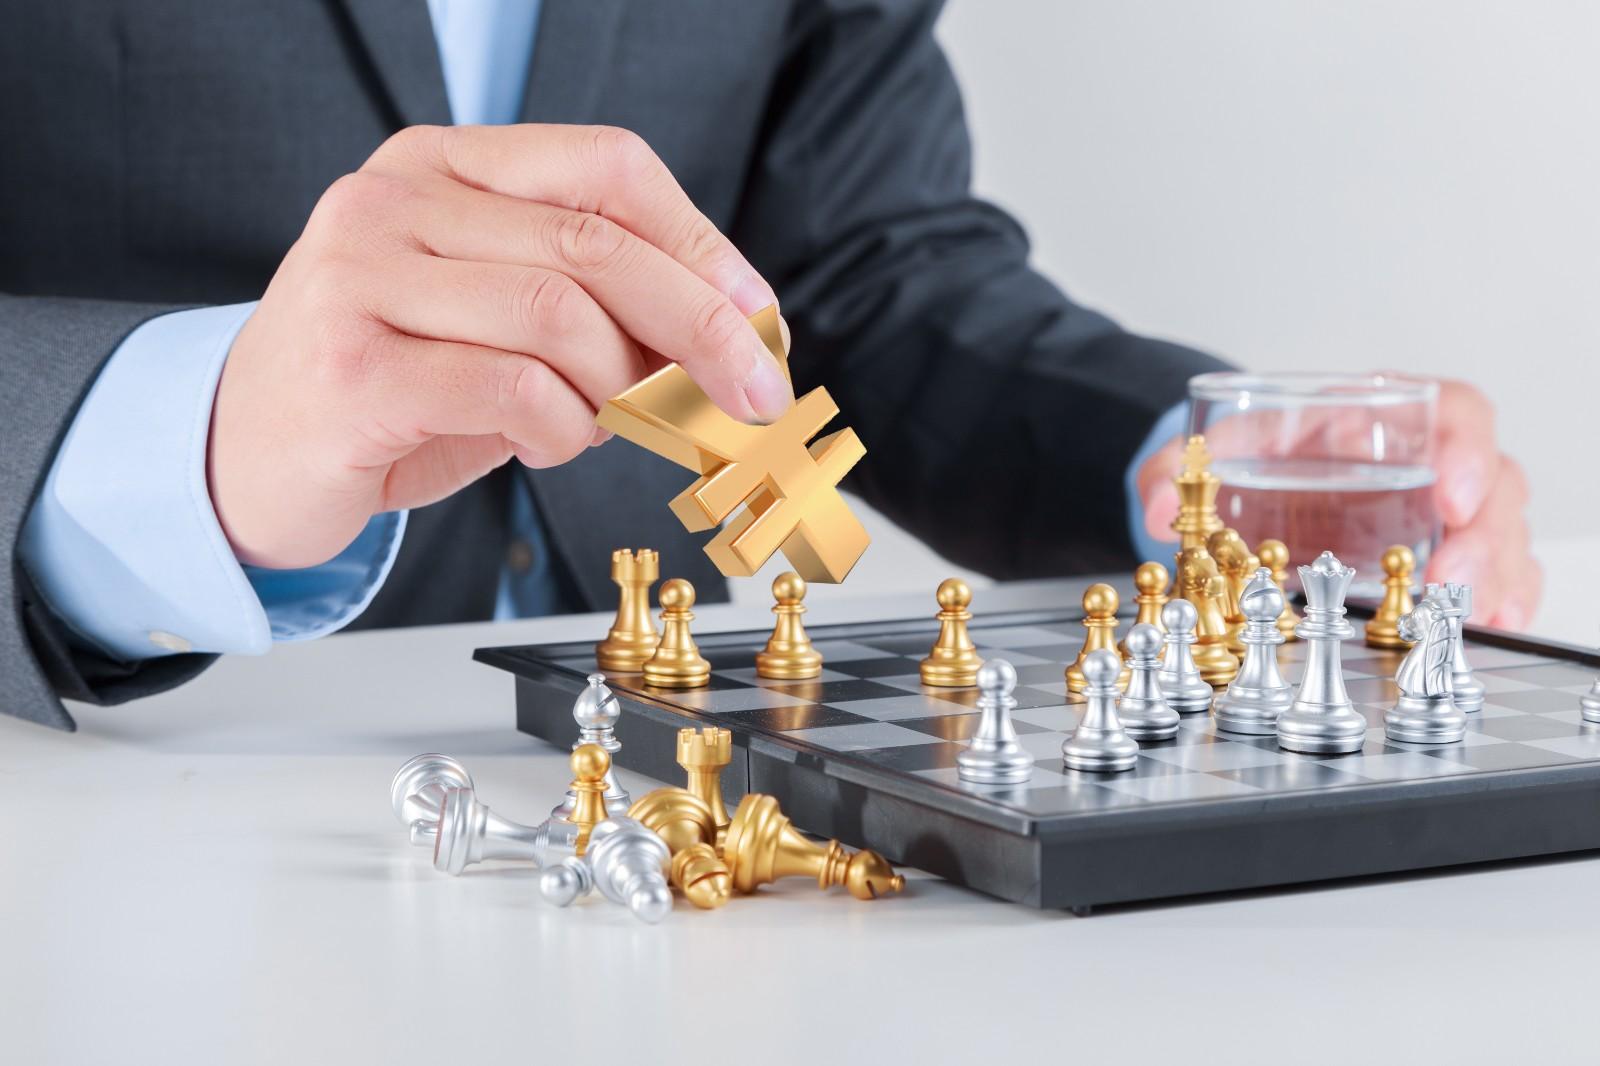 企业经营我们都会遇到哪些问题?